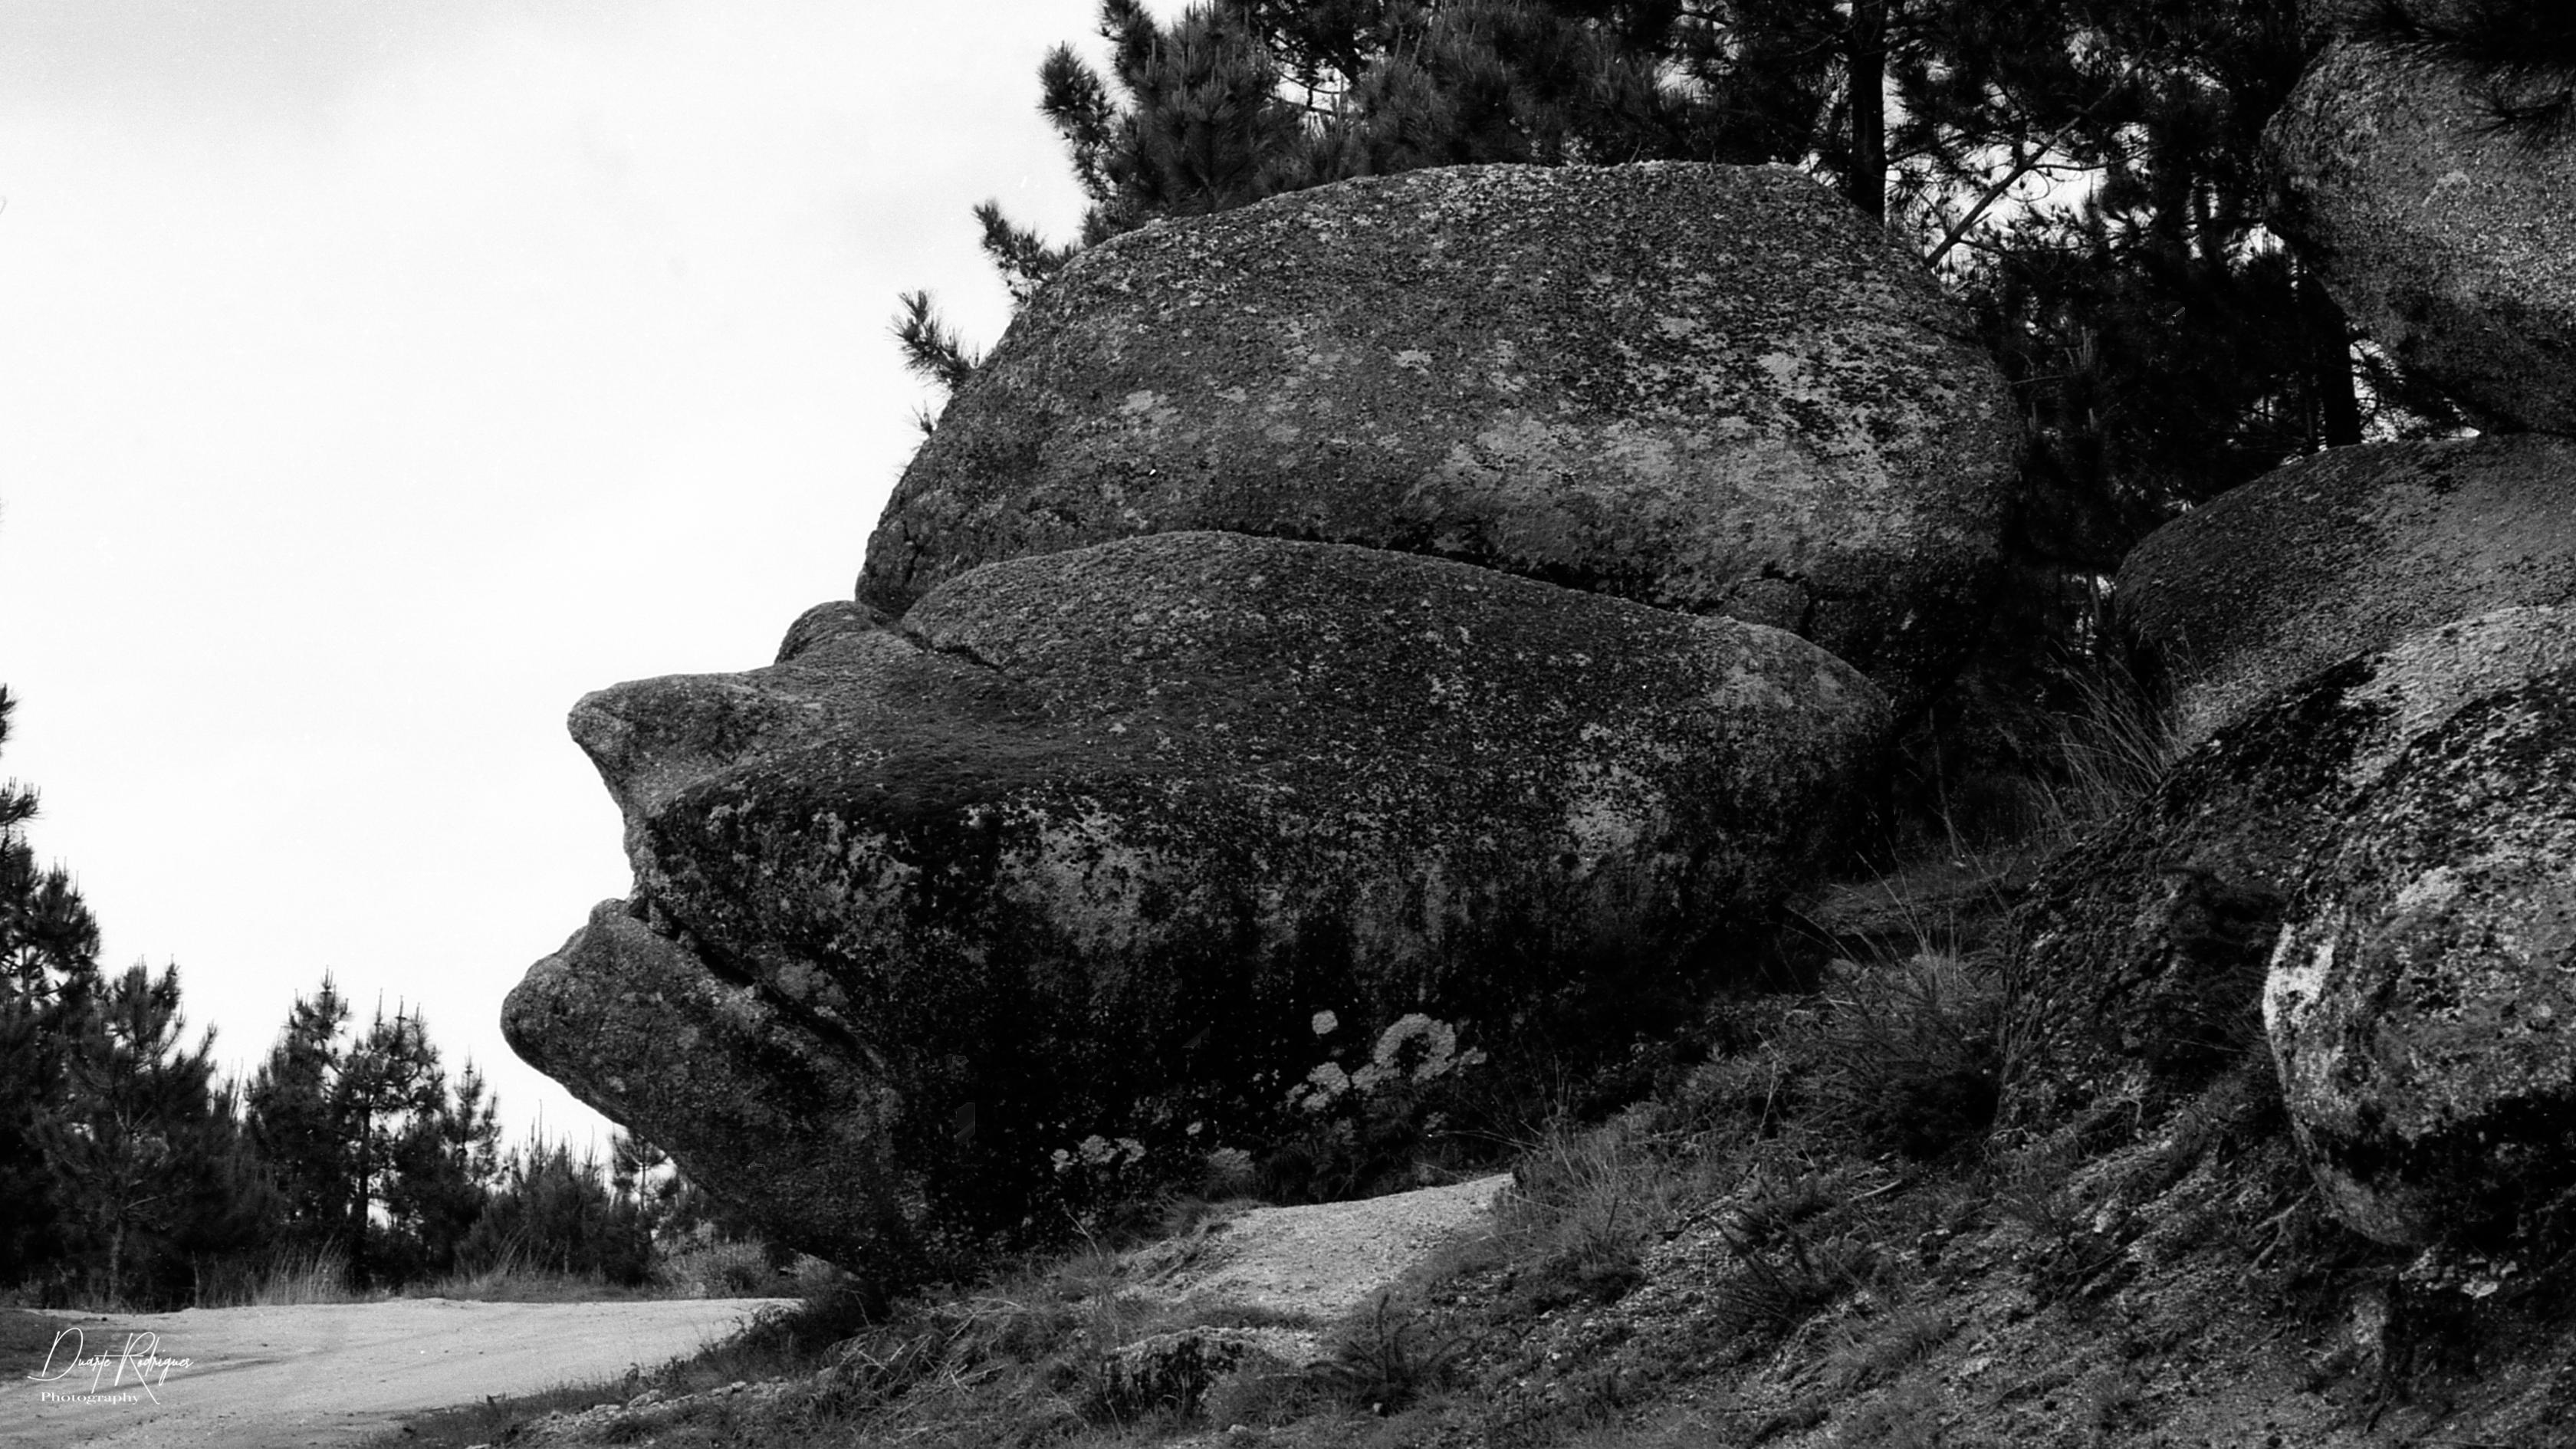 Serra da Estrela, Portugal 1999